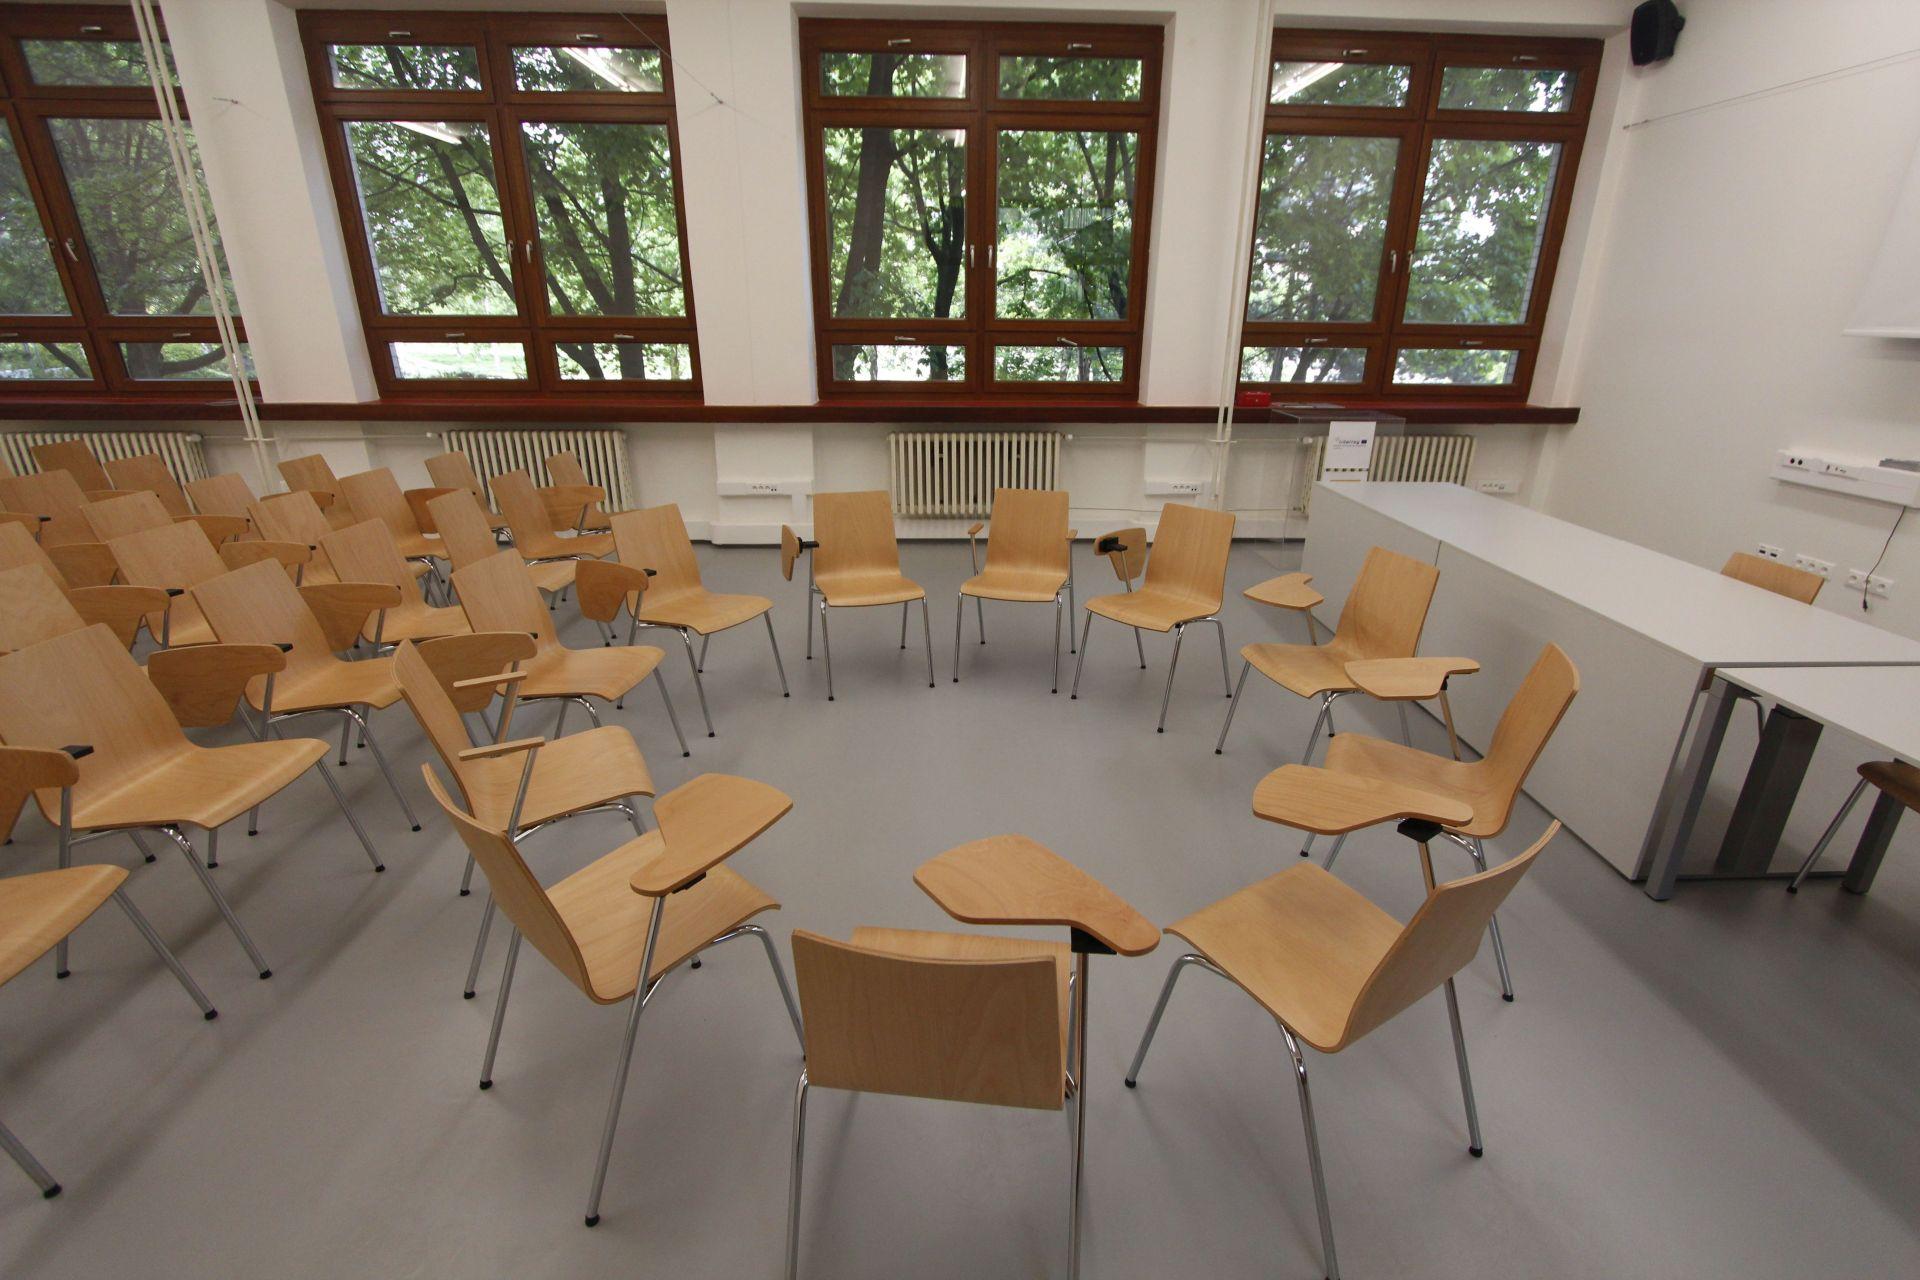 Špecializovaná učebňa na FAD so zabudovanou indukčnou slučkou, flexibilným nábytkom a výškovo nastaviteľnými stolmi